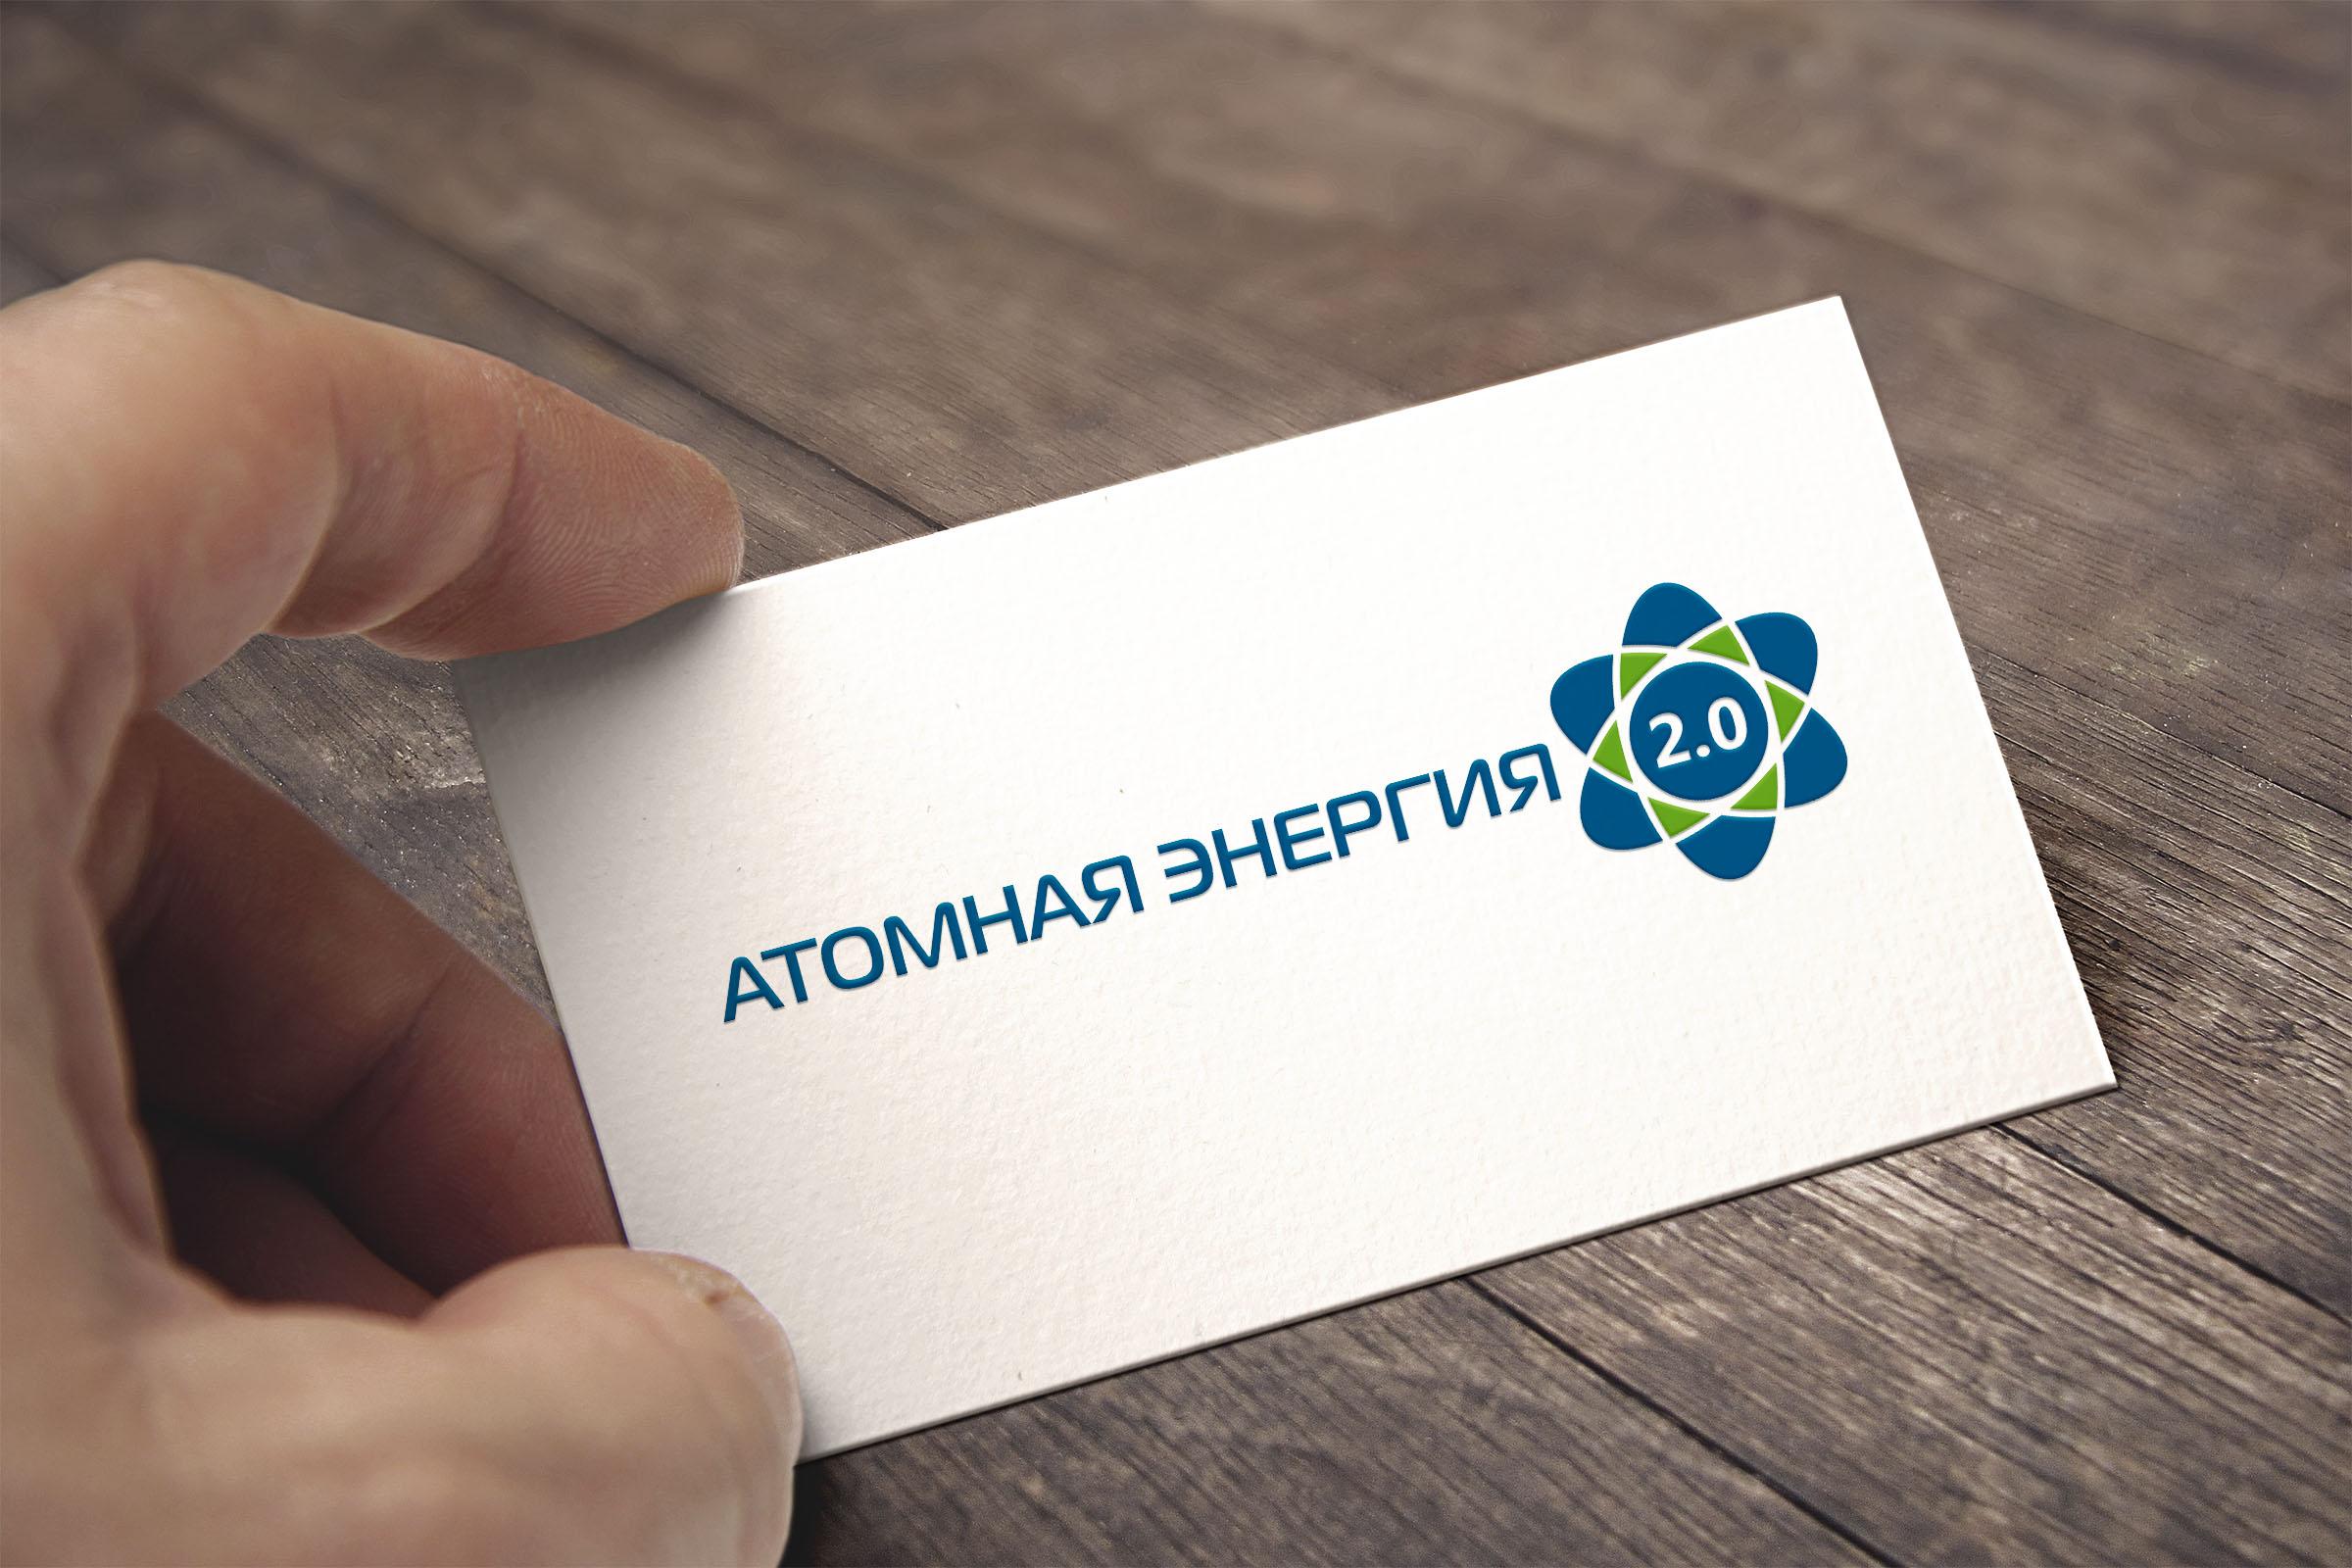 """Фирменный стиль для научного портала """"Атомная энергия 2.0"""" фото f_07759fc3f2468a4f.jpg"""